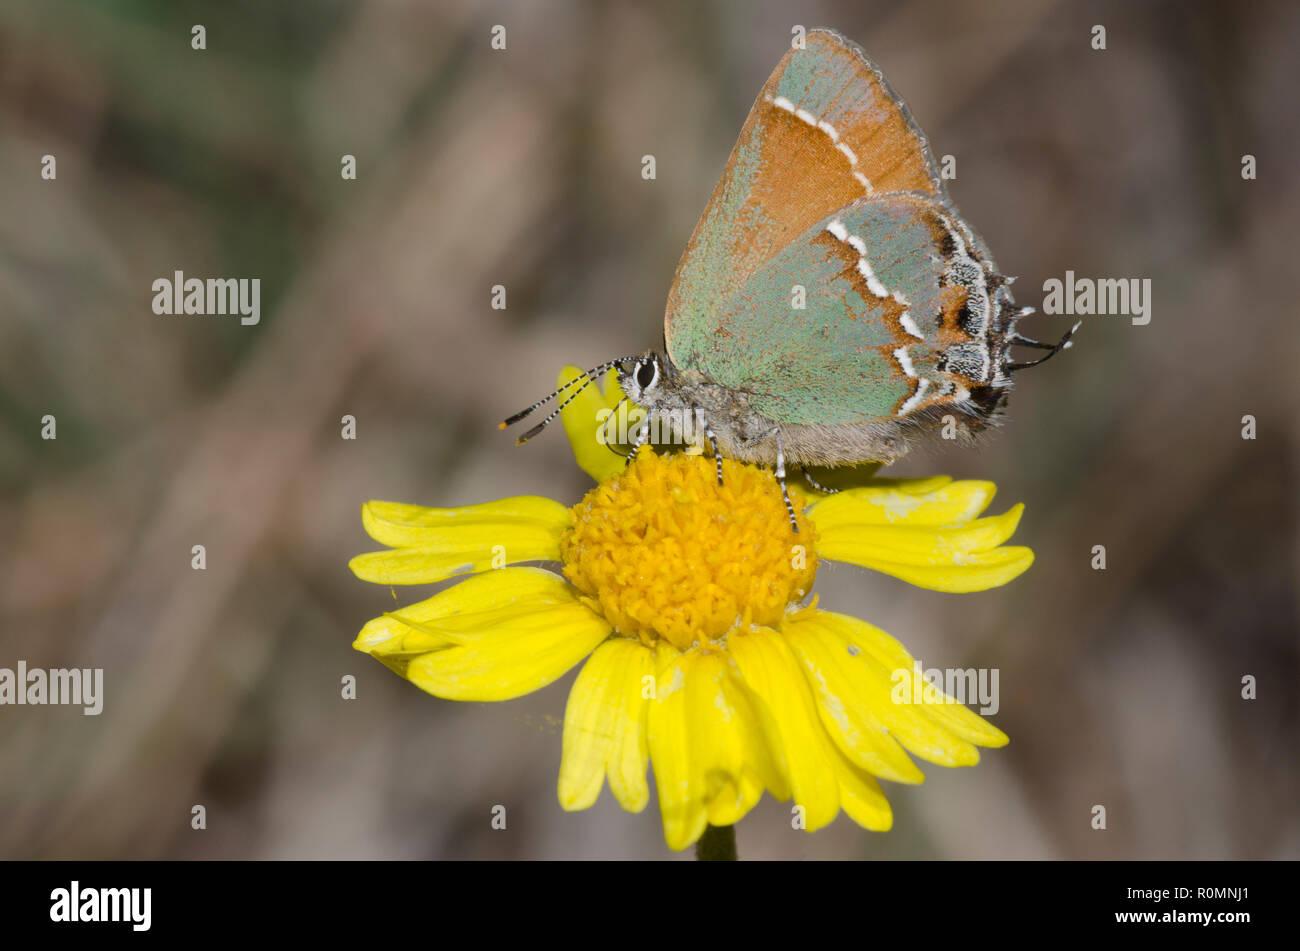 Juniper, Callophrys Hairstreak nectaring gryneus, sobre tallos de cuatro-nervio, Daisy Tetraneuris scaposa Foto de stock